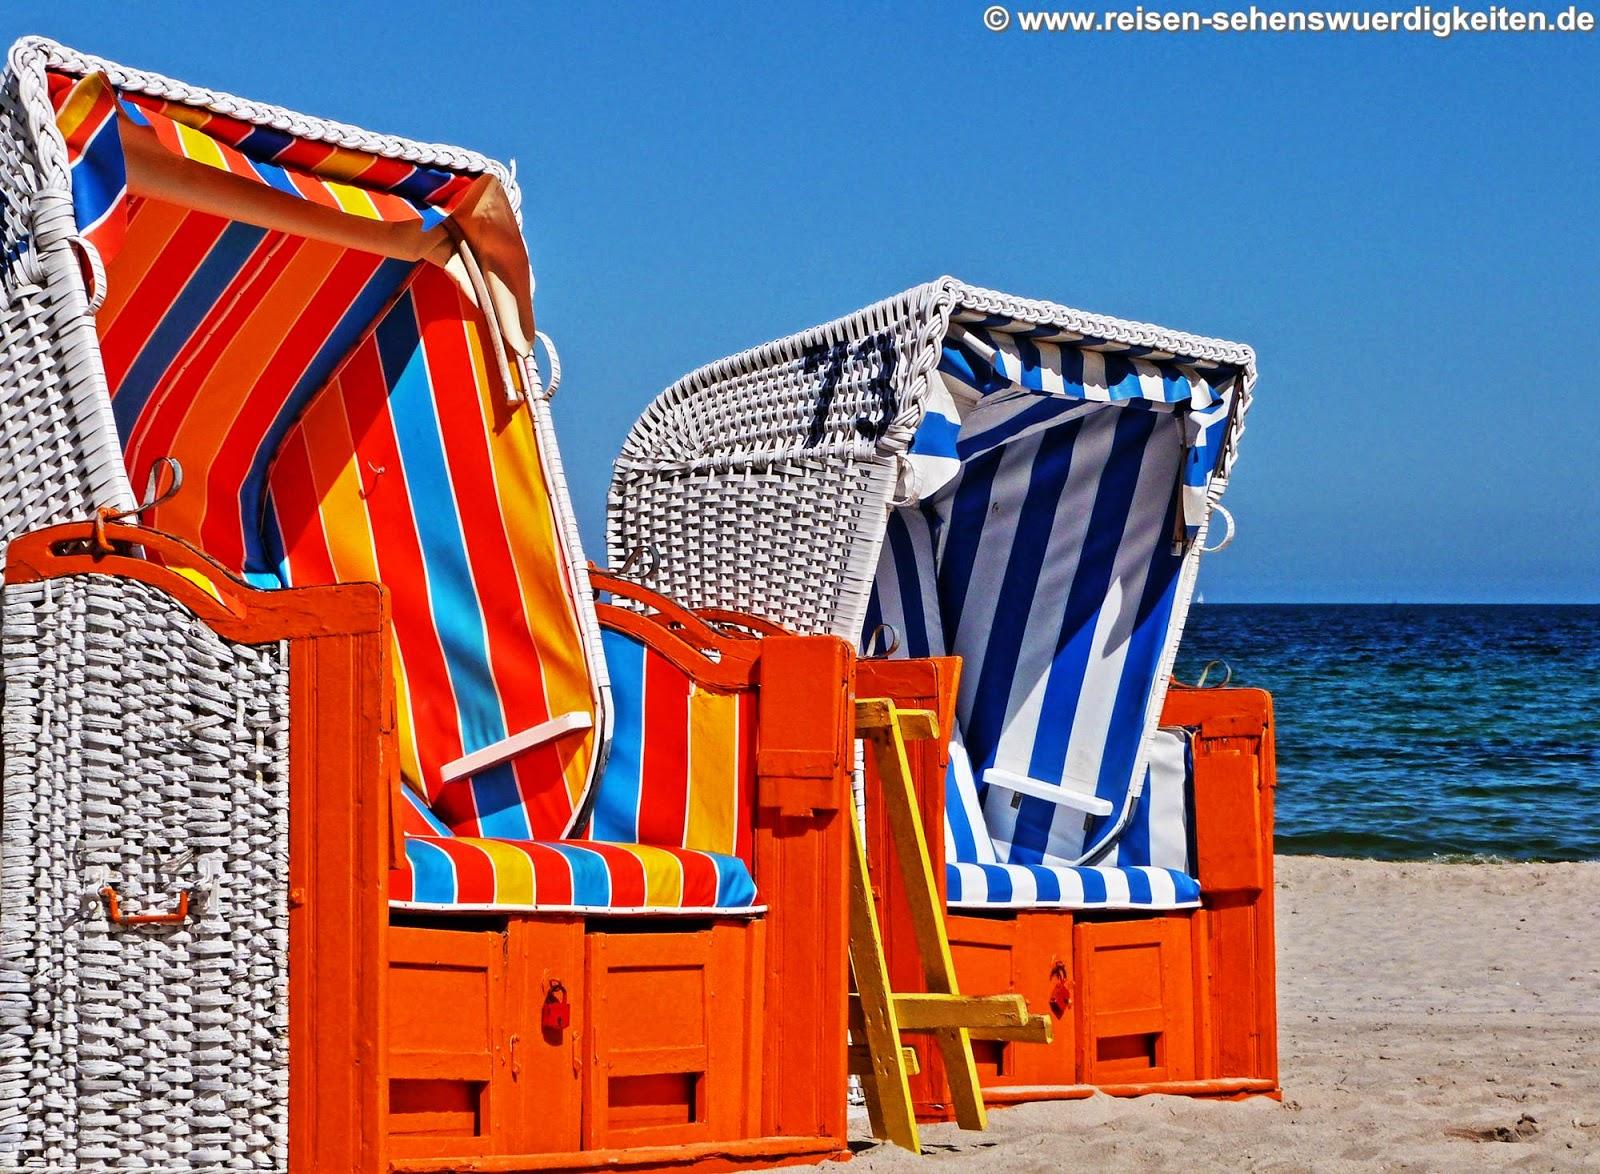 Strandkorb wallpaper  PC Hintergrundbilder kostenlos - Tiere, Natur, Reise, Städte